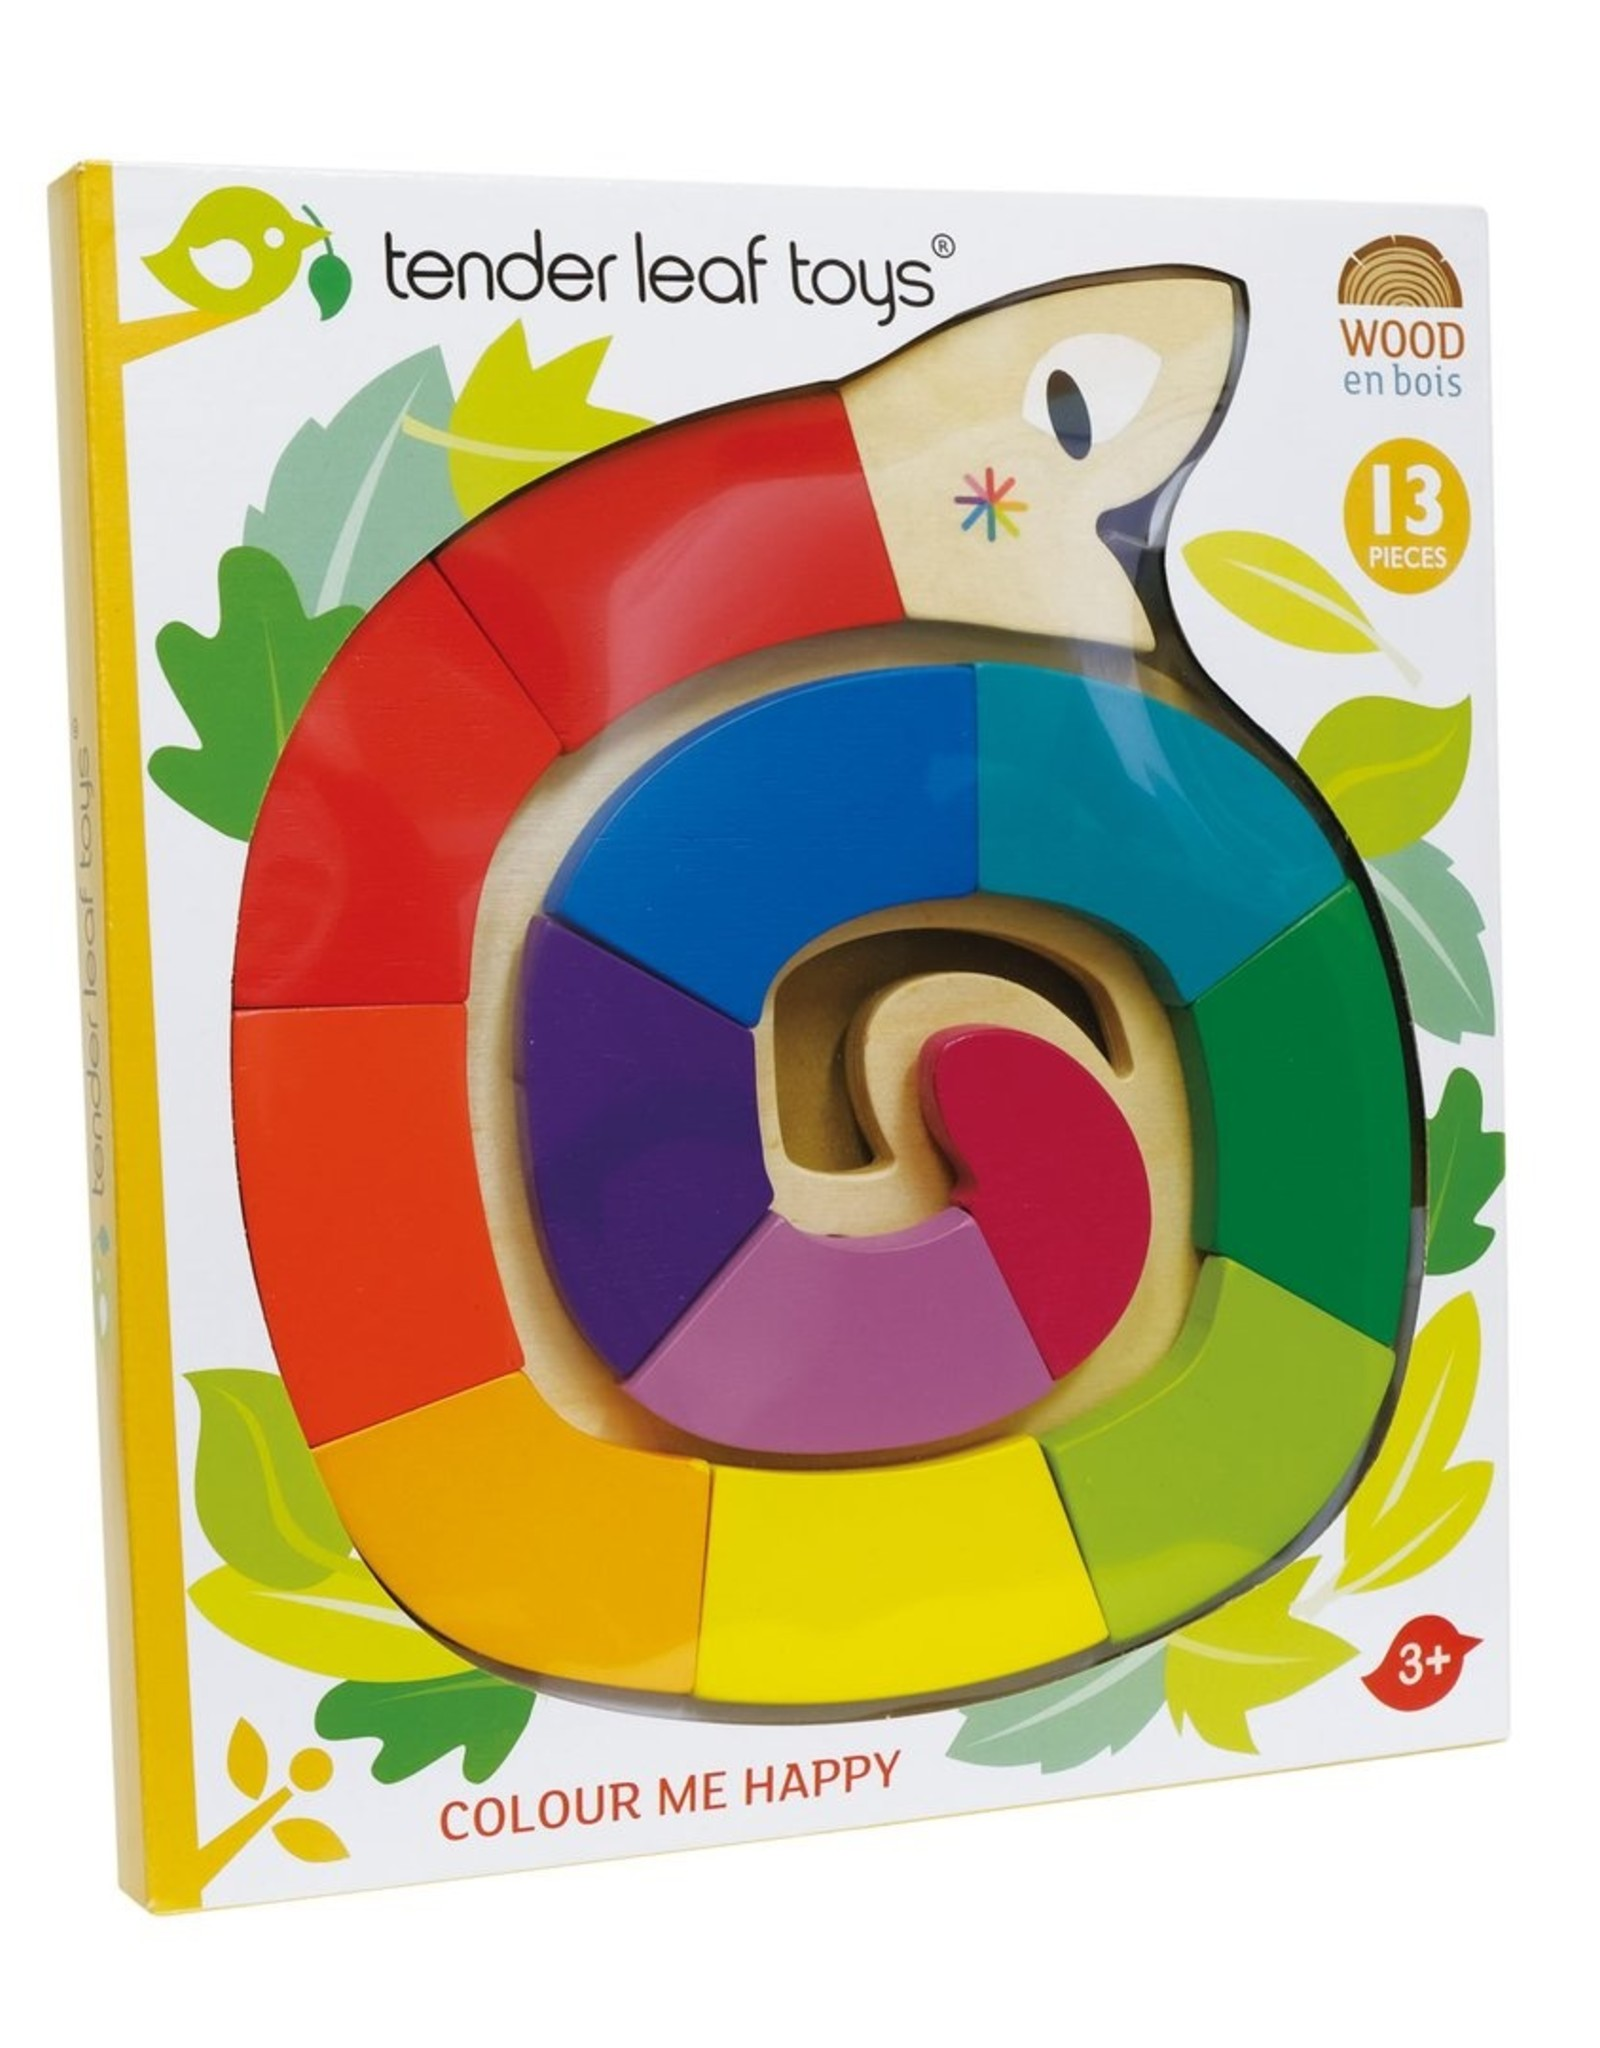 Tender leaf toys Casse-tête Serpent